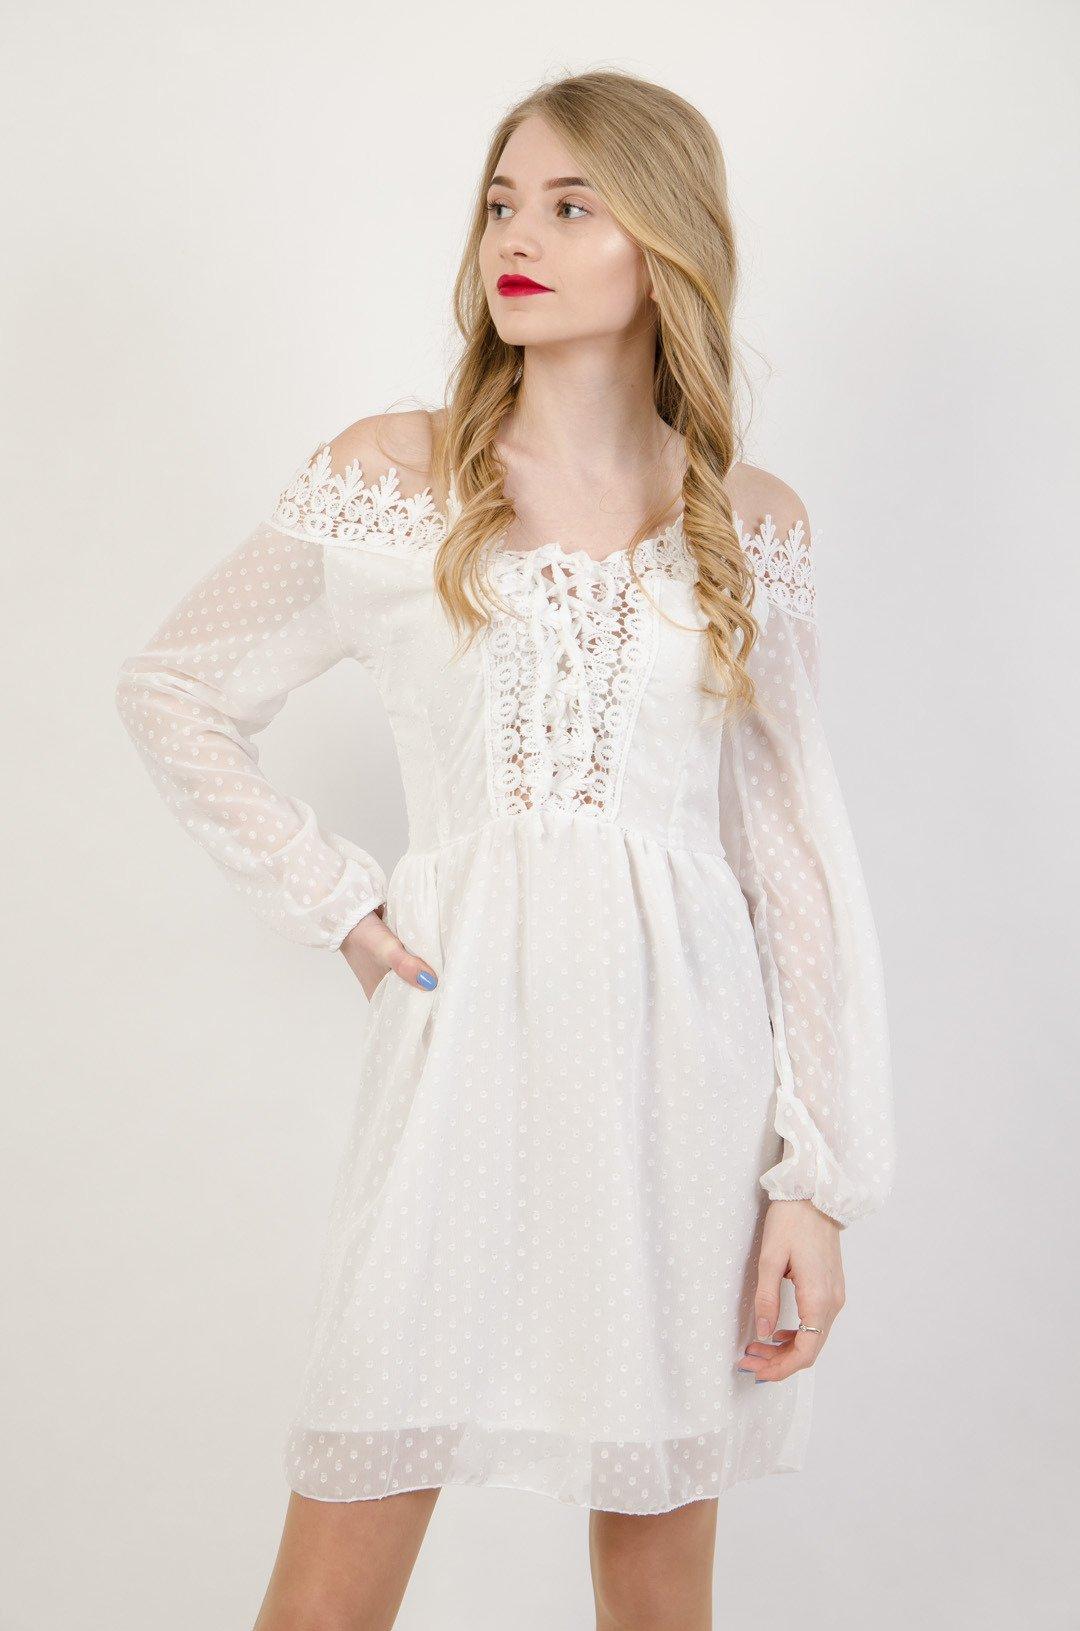 cd3b2532293bf1 Biała szyfonowa sukienka z odkrytymi ramionami | NOWOŚCI KOLEKCJA ...